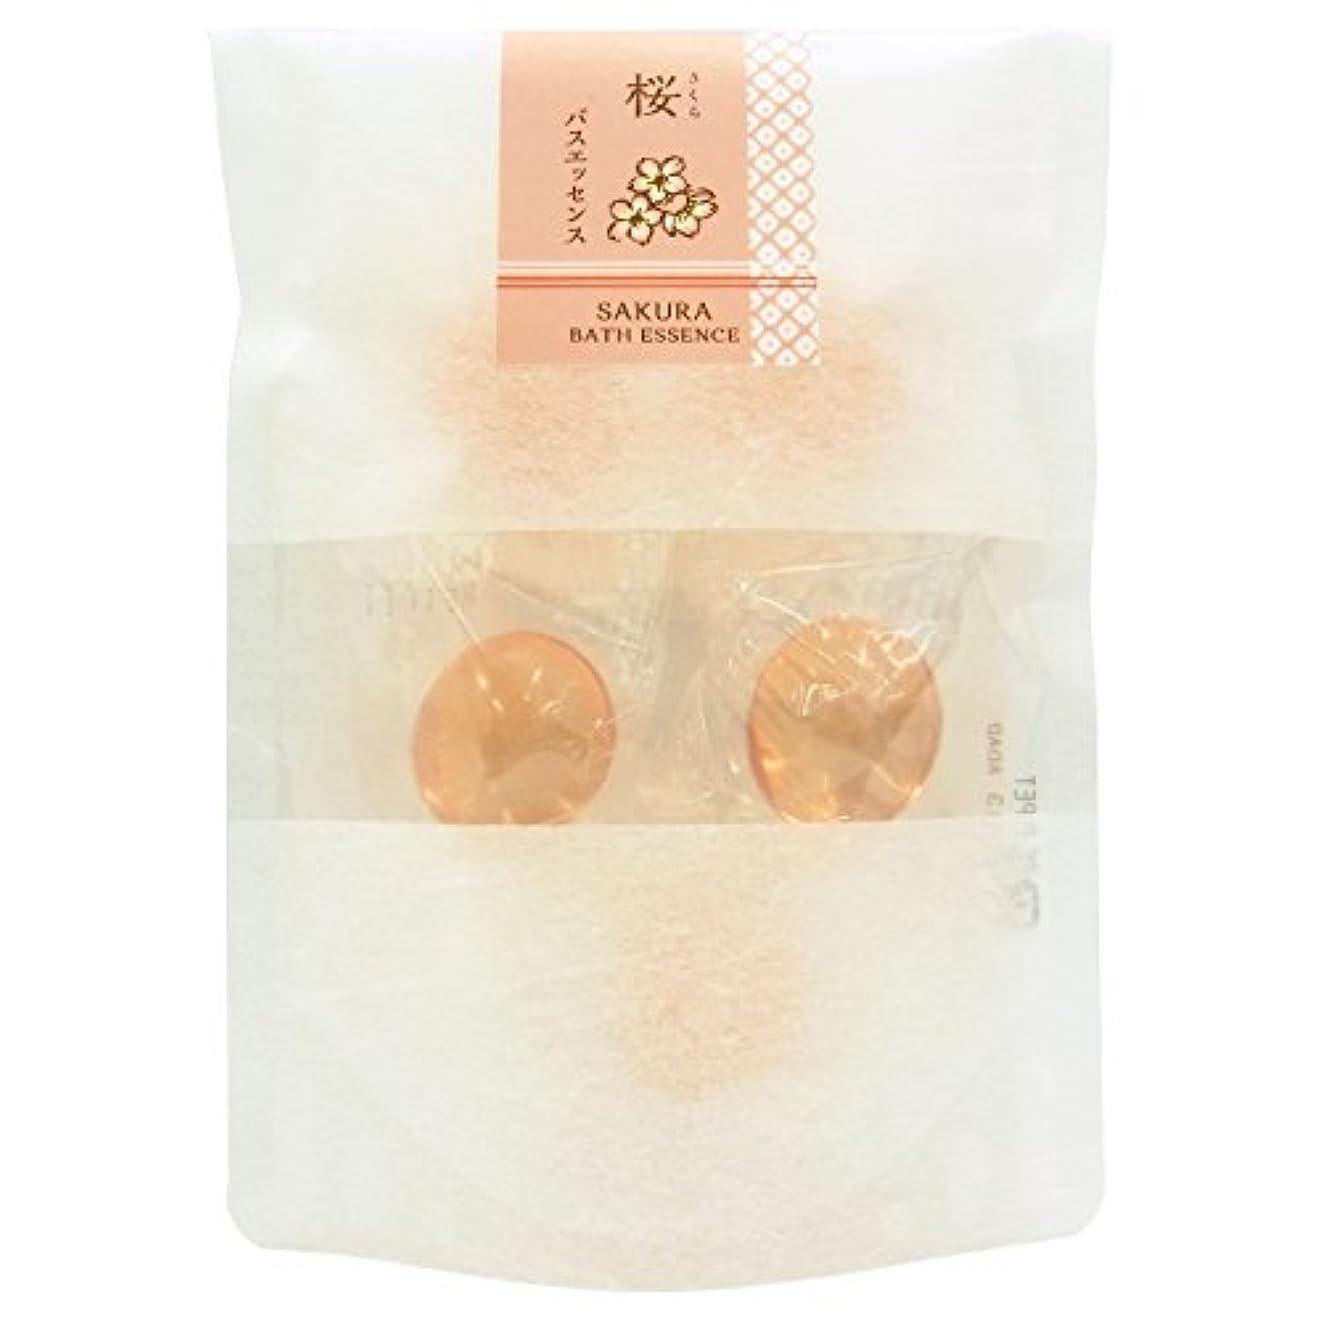 近くリビングルーム超える和の湯 バスエッセンス 桜 (8g × 5個)